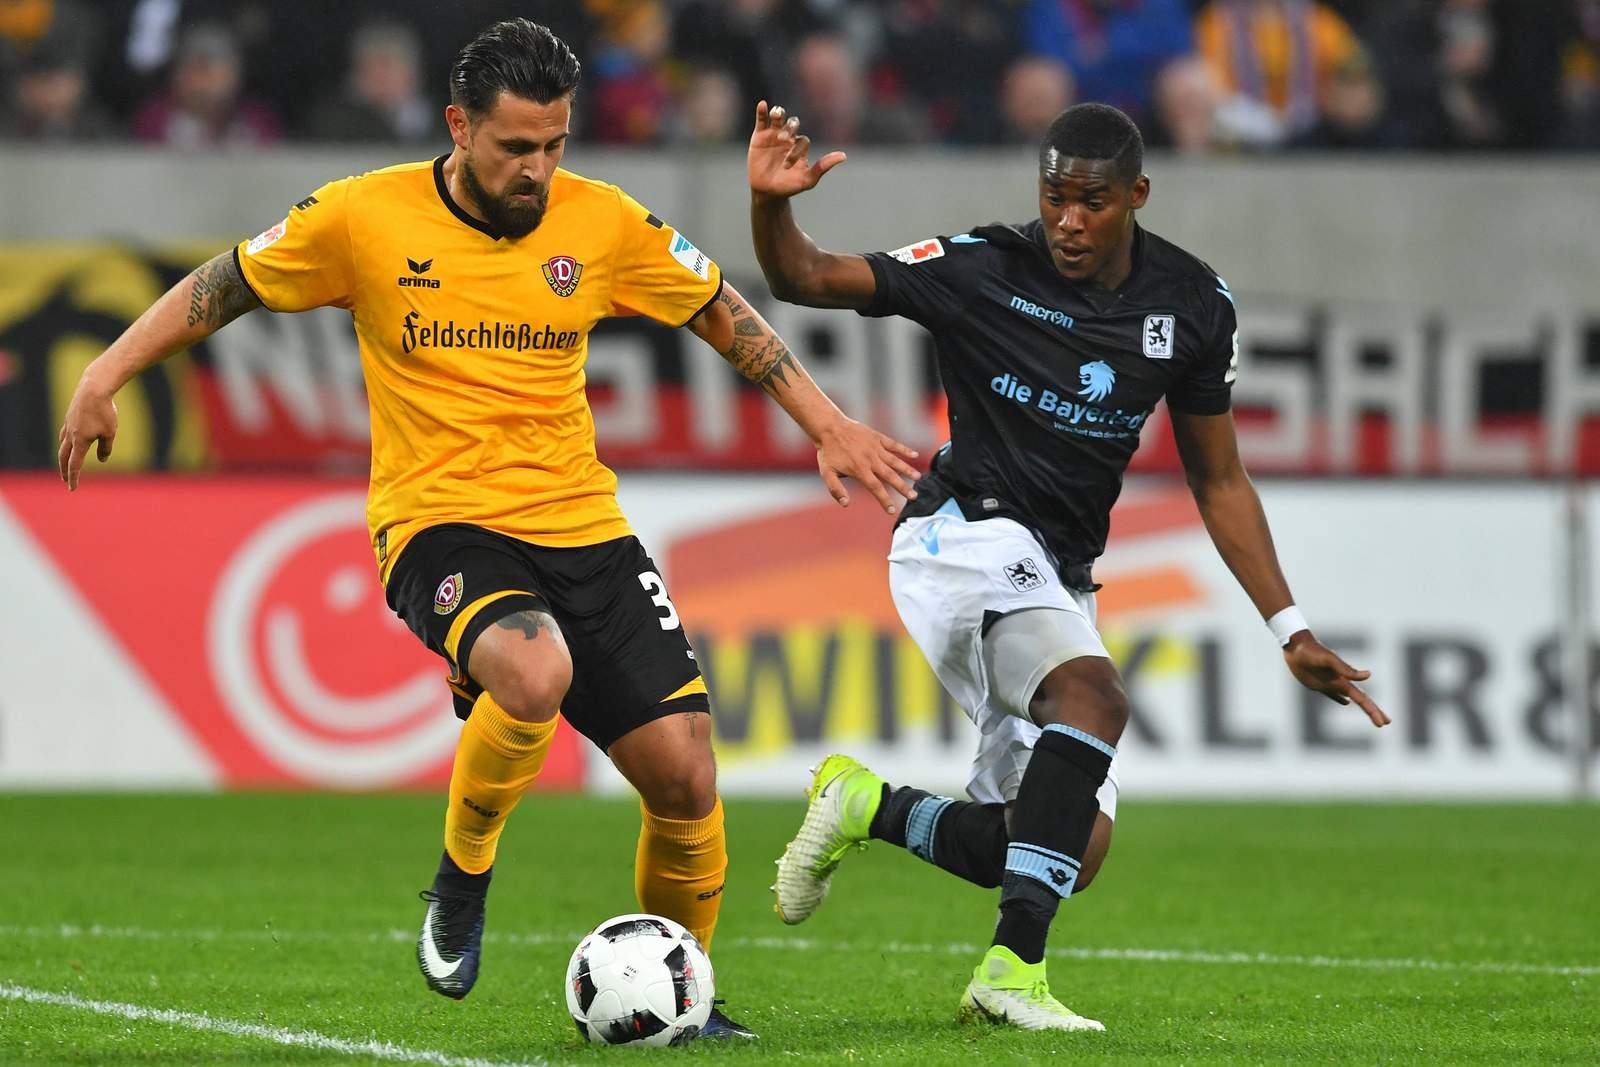 Marcos Alvarez von Dynamo Dresden im Zweikampf von Romuald Lacazette